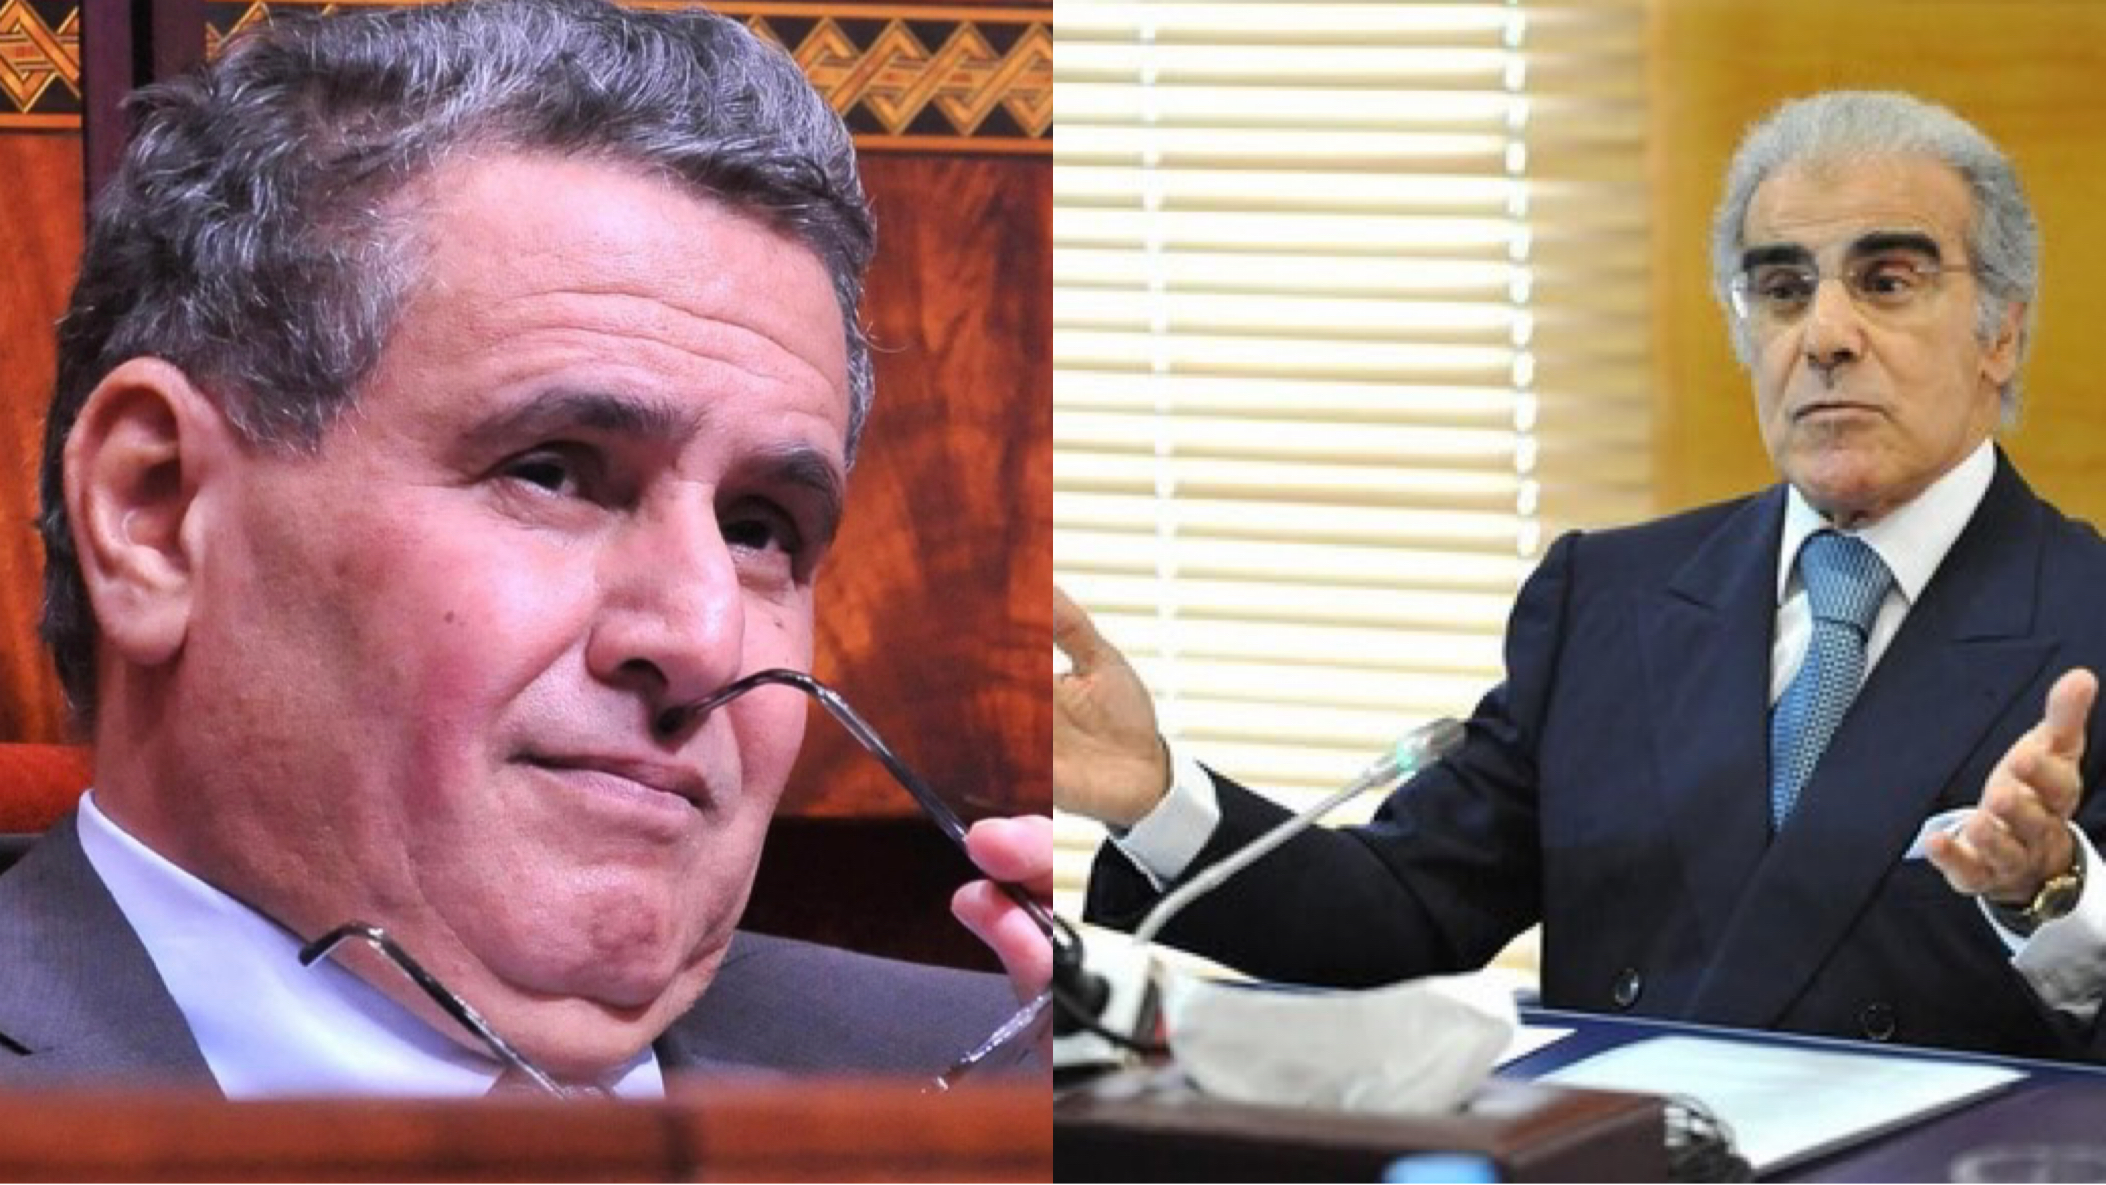 """صورة وصف الأحزاب بـ""""الباكور والزعتر"""" ..  الأحرار يصف تصريحات والي بنك المغرب بالخطيرة ويحذر من تعزيزها للعزوف الإنتخابي"""